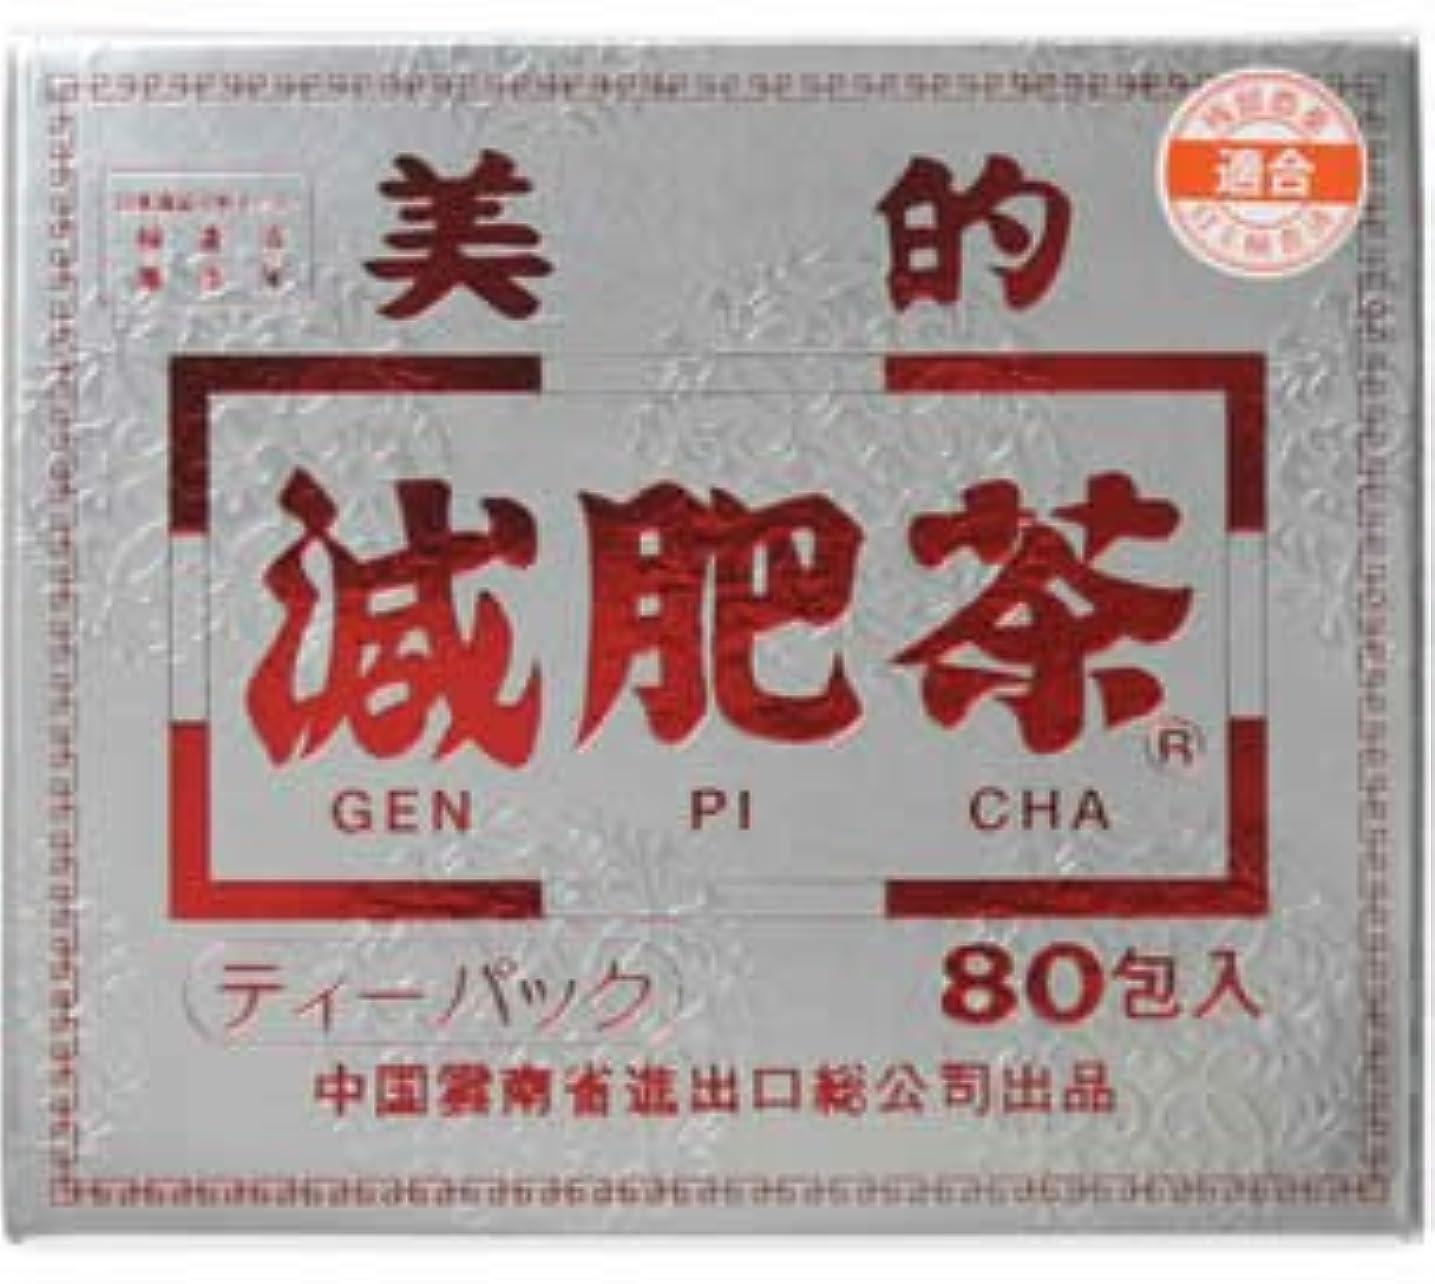 ジェムマンハッタン傀儡ユーワ 美的減肥茶 3g×80包